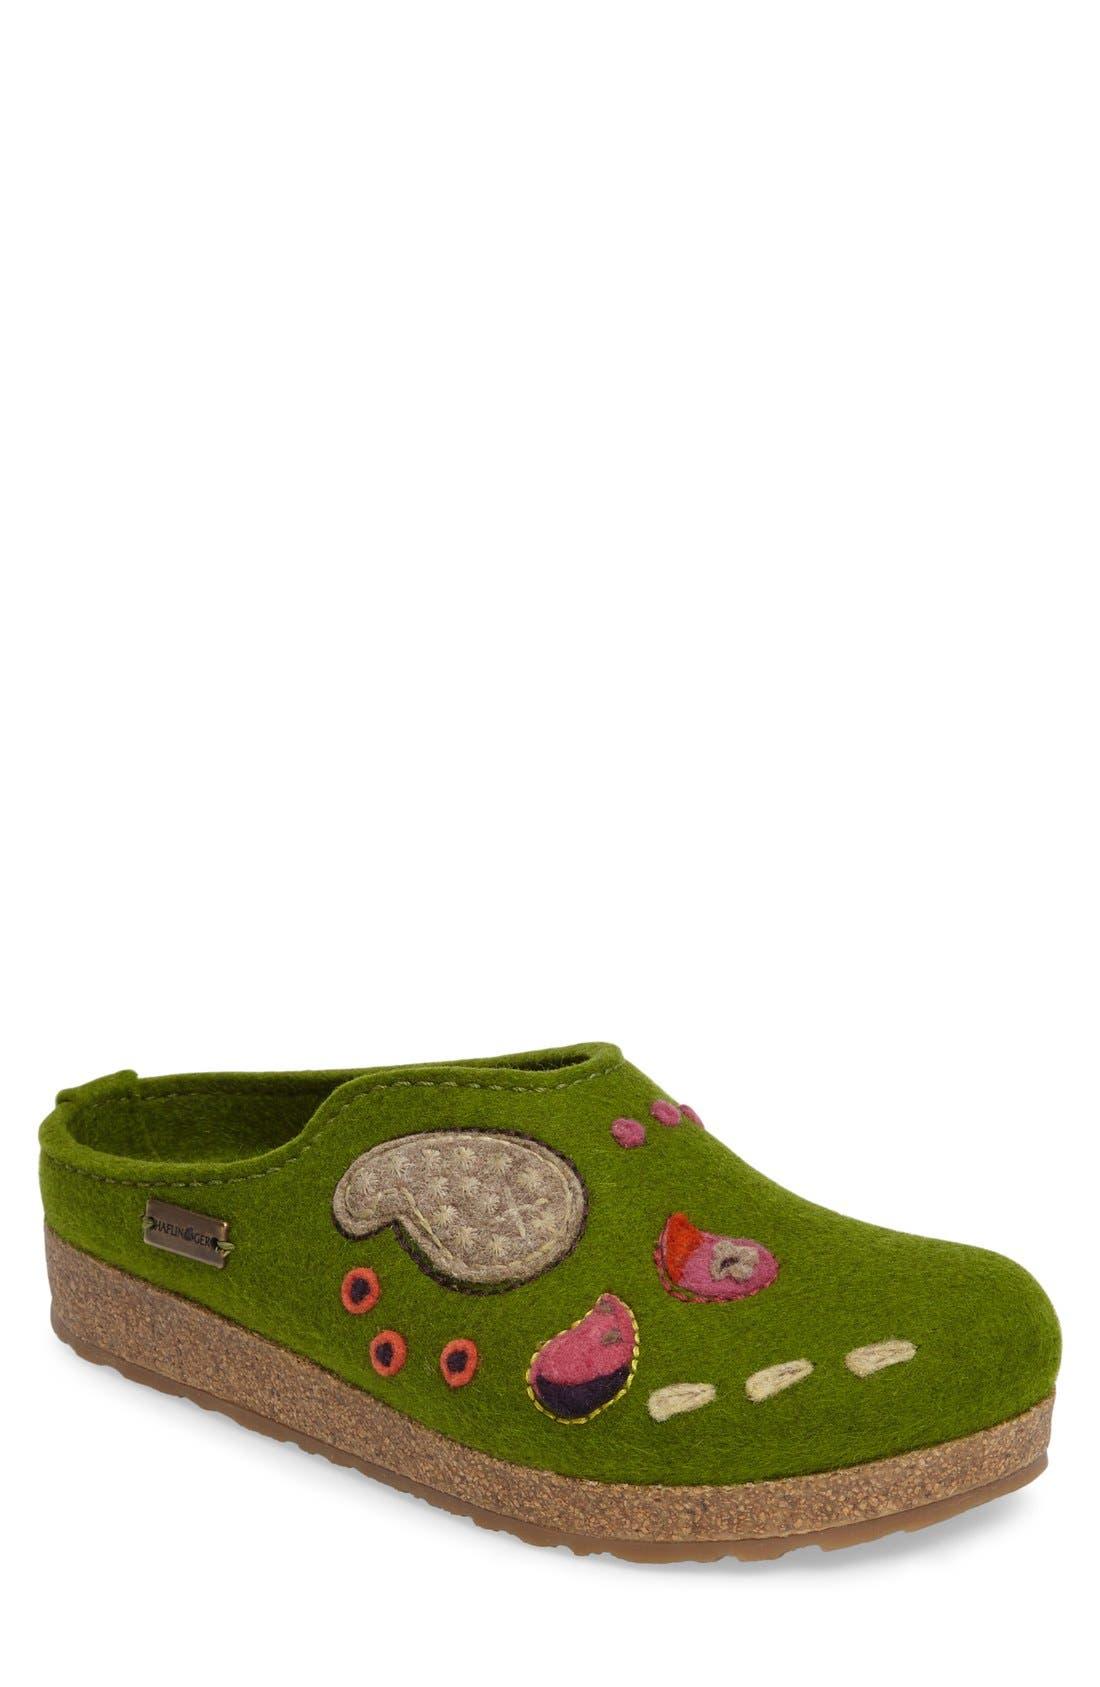 Paisley Slipper,                             Main thumbnail 1, color,                             Green Wool